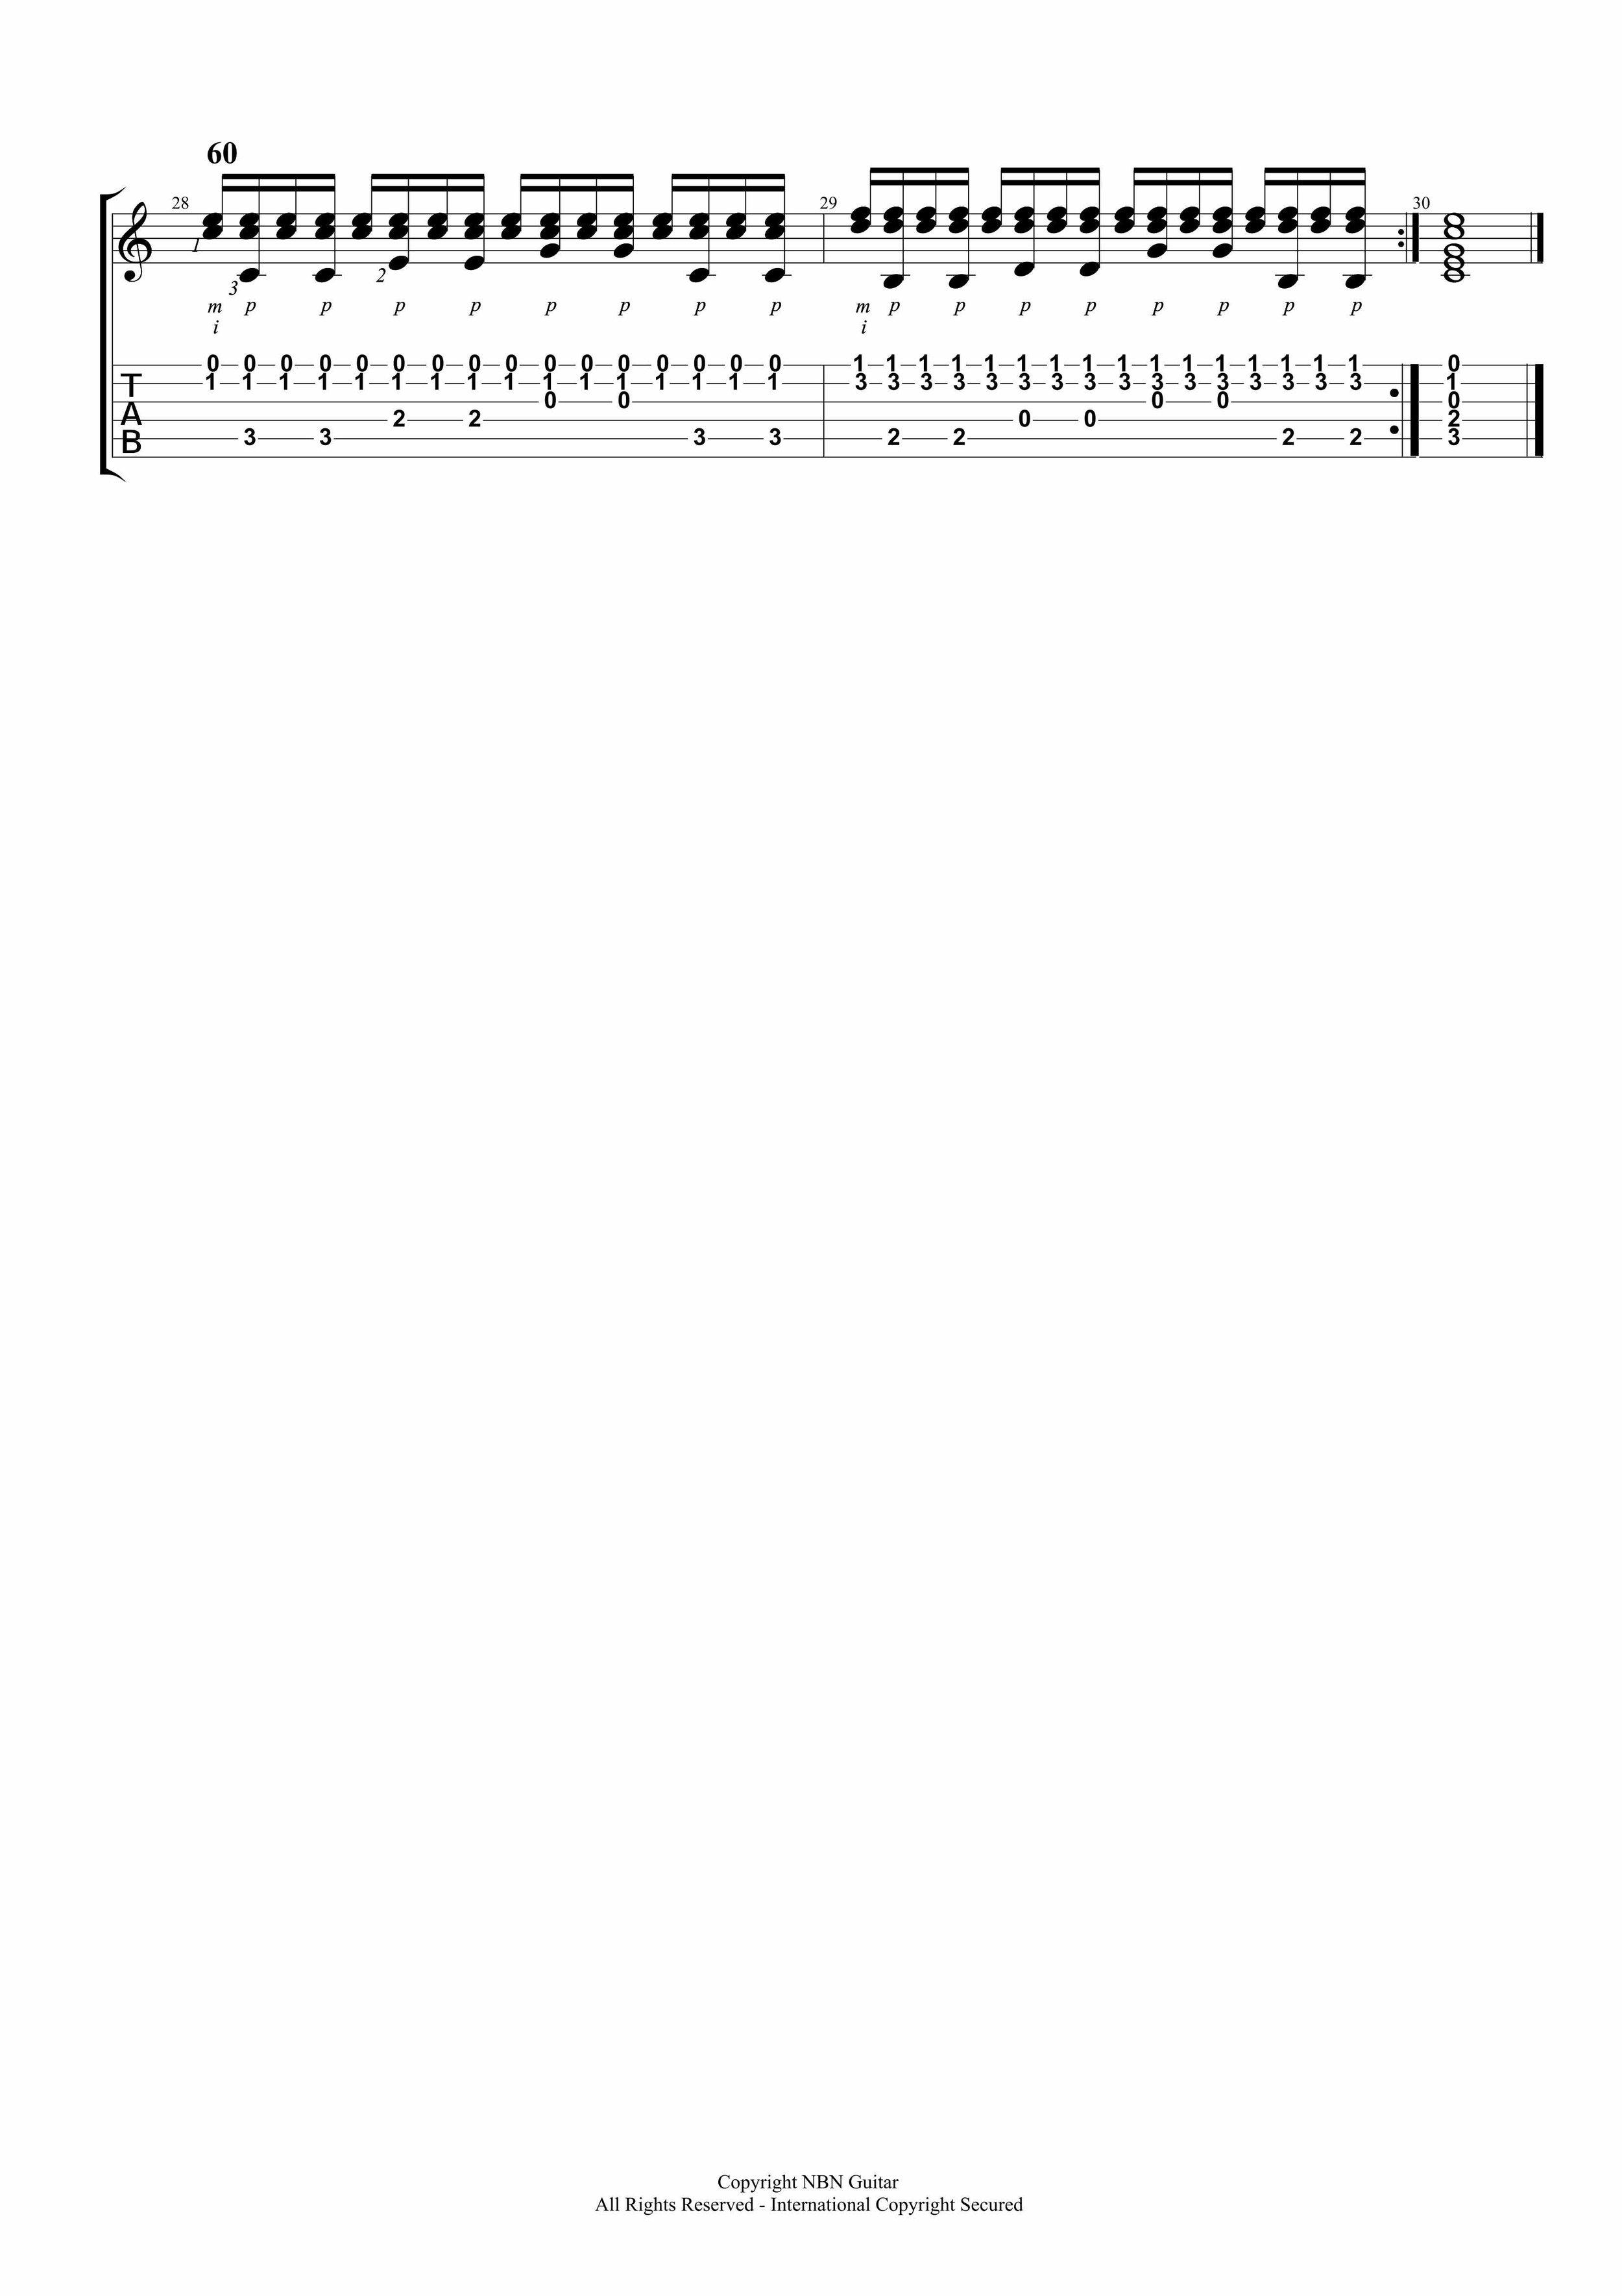 Giuliani Right-Hand Studies 51 to 60-p3.jpg